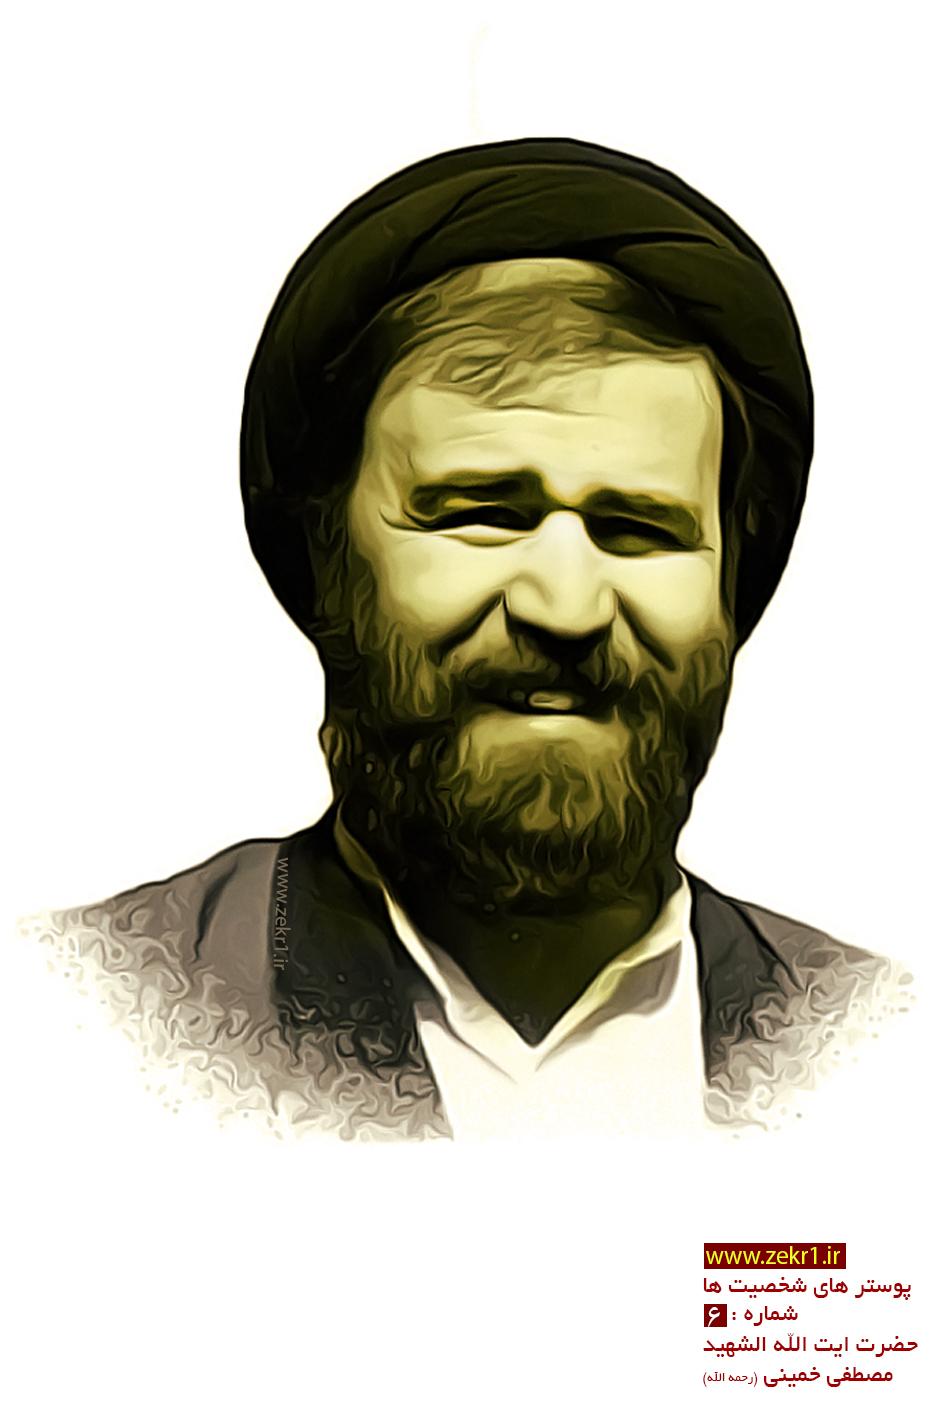 پوستر شهید مصطفی خمینی